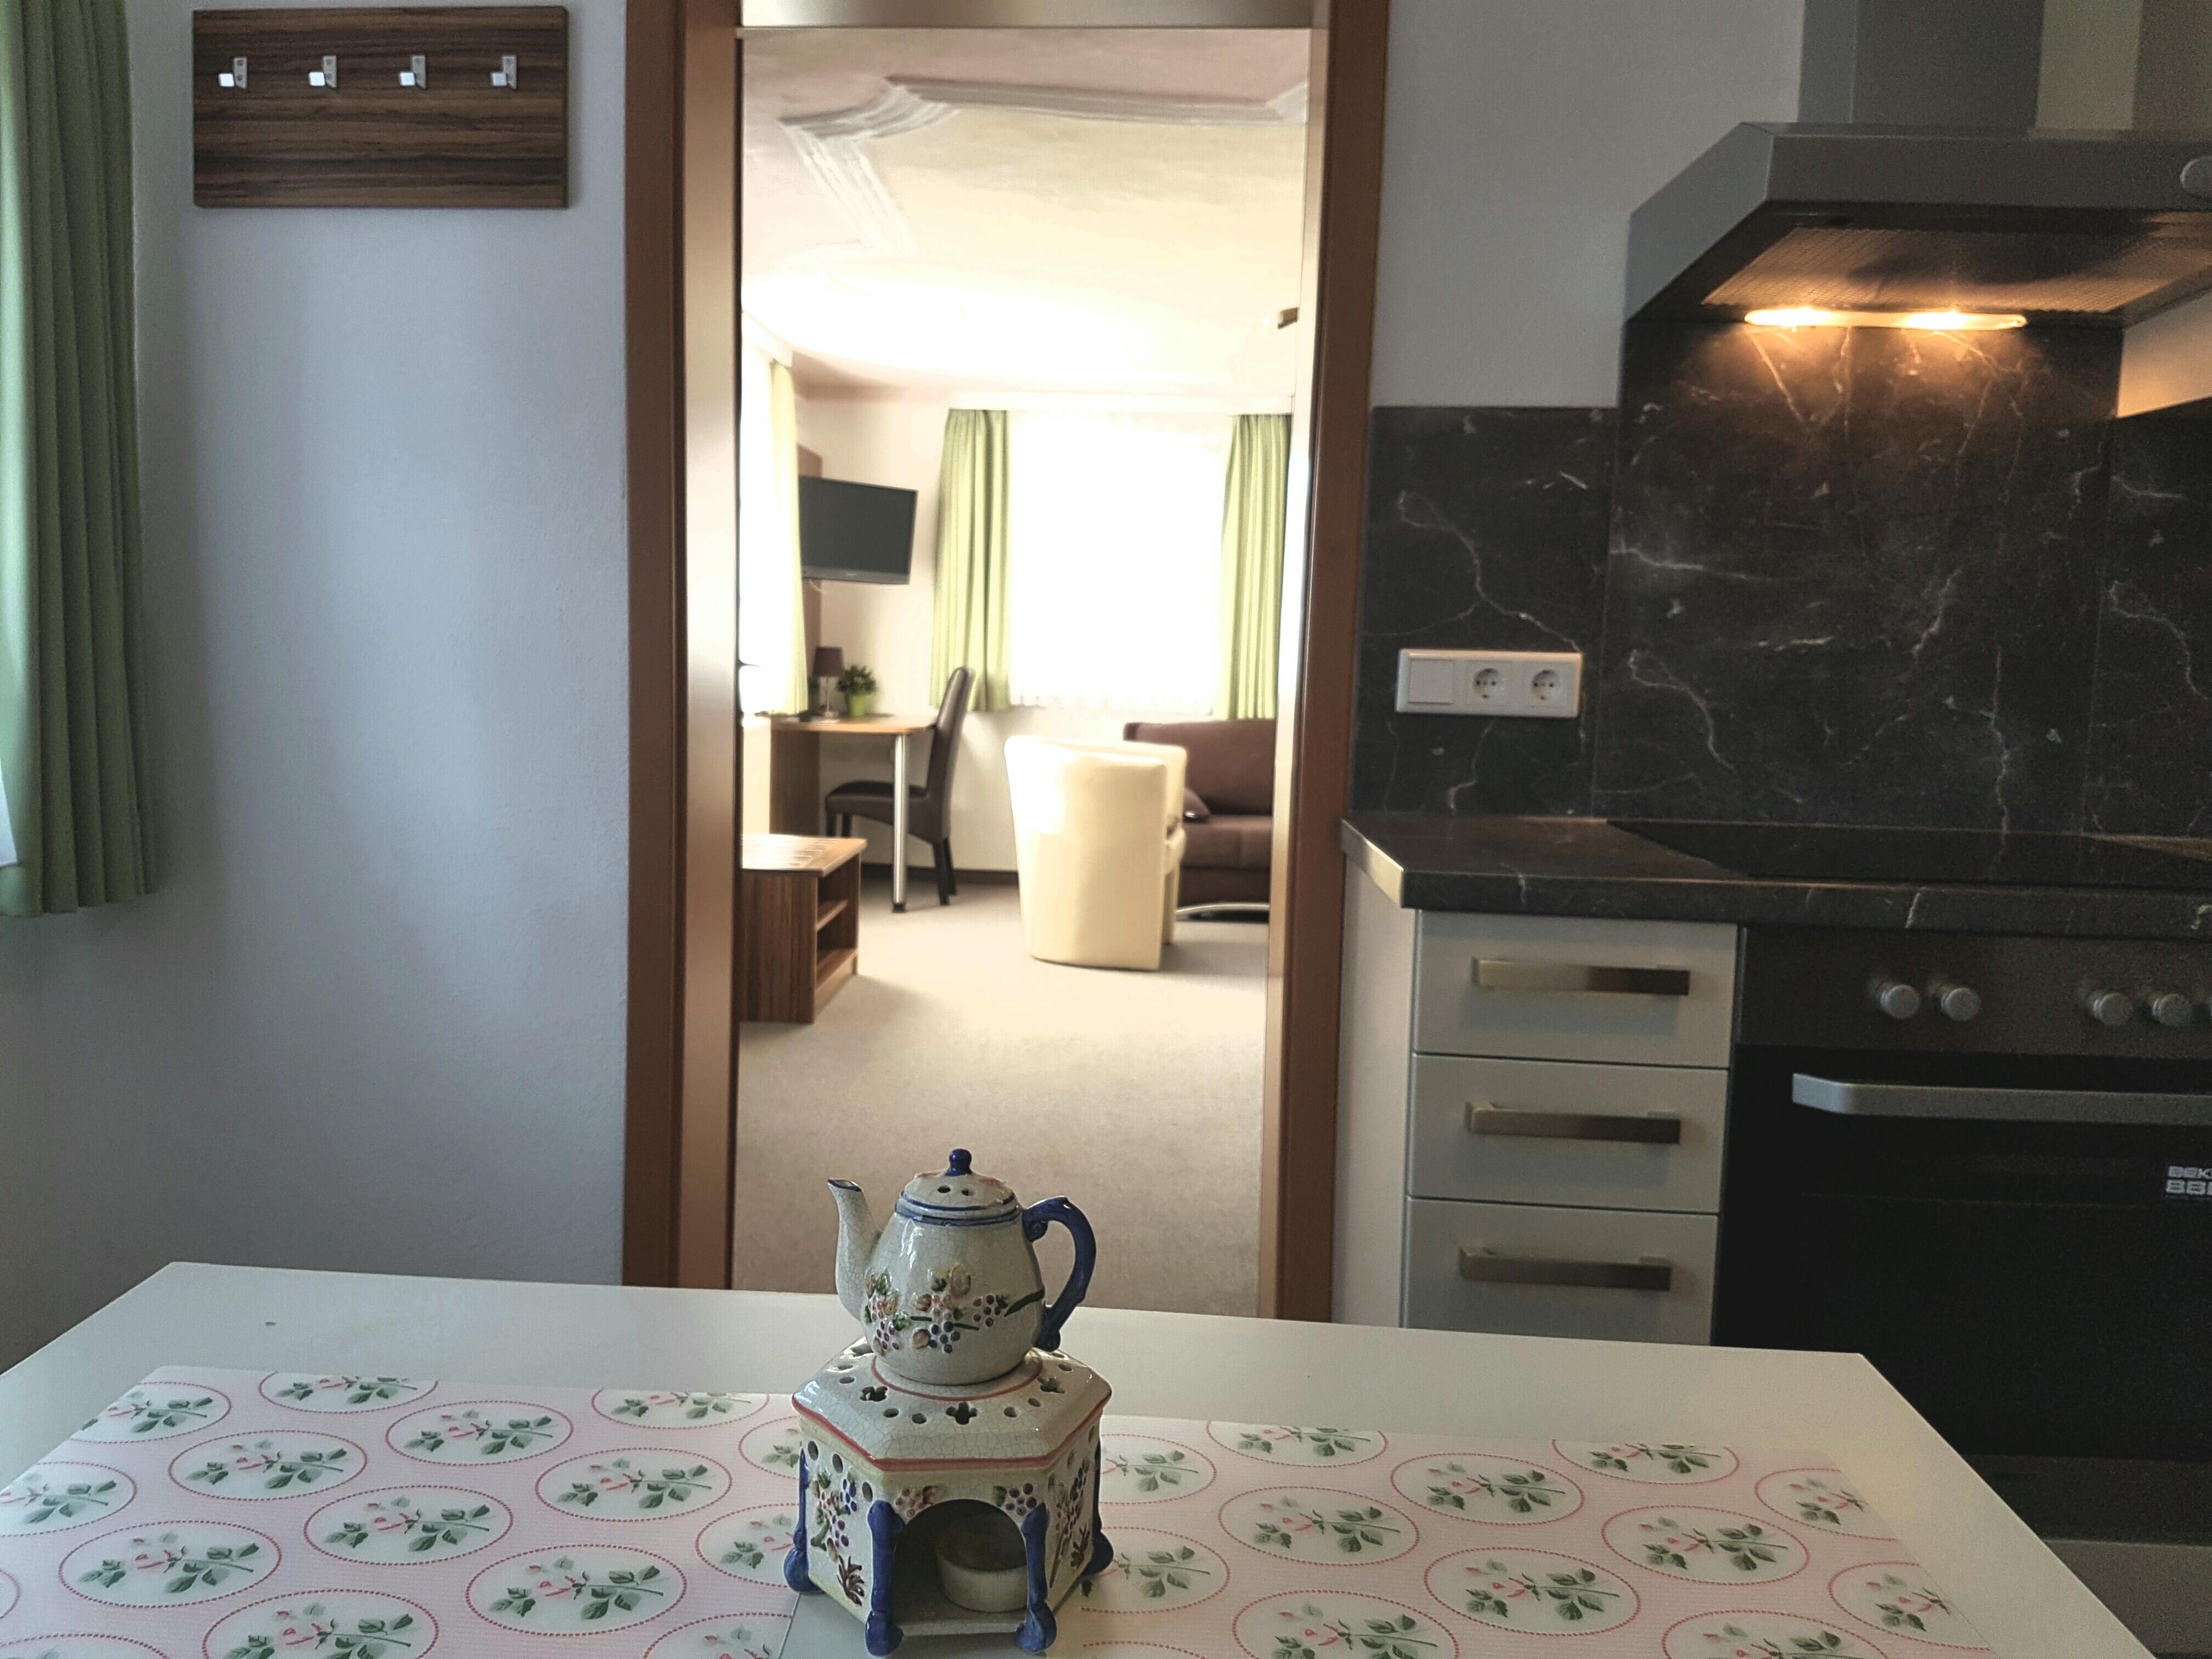 ferienwohnung - hotel goldene traube bad windsheim, Badezimmer ideen